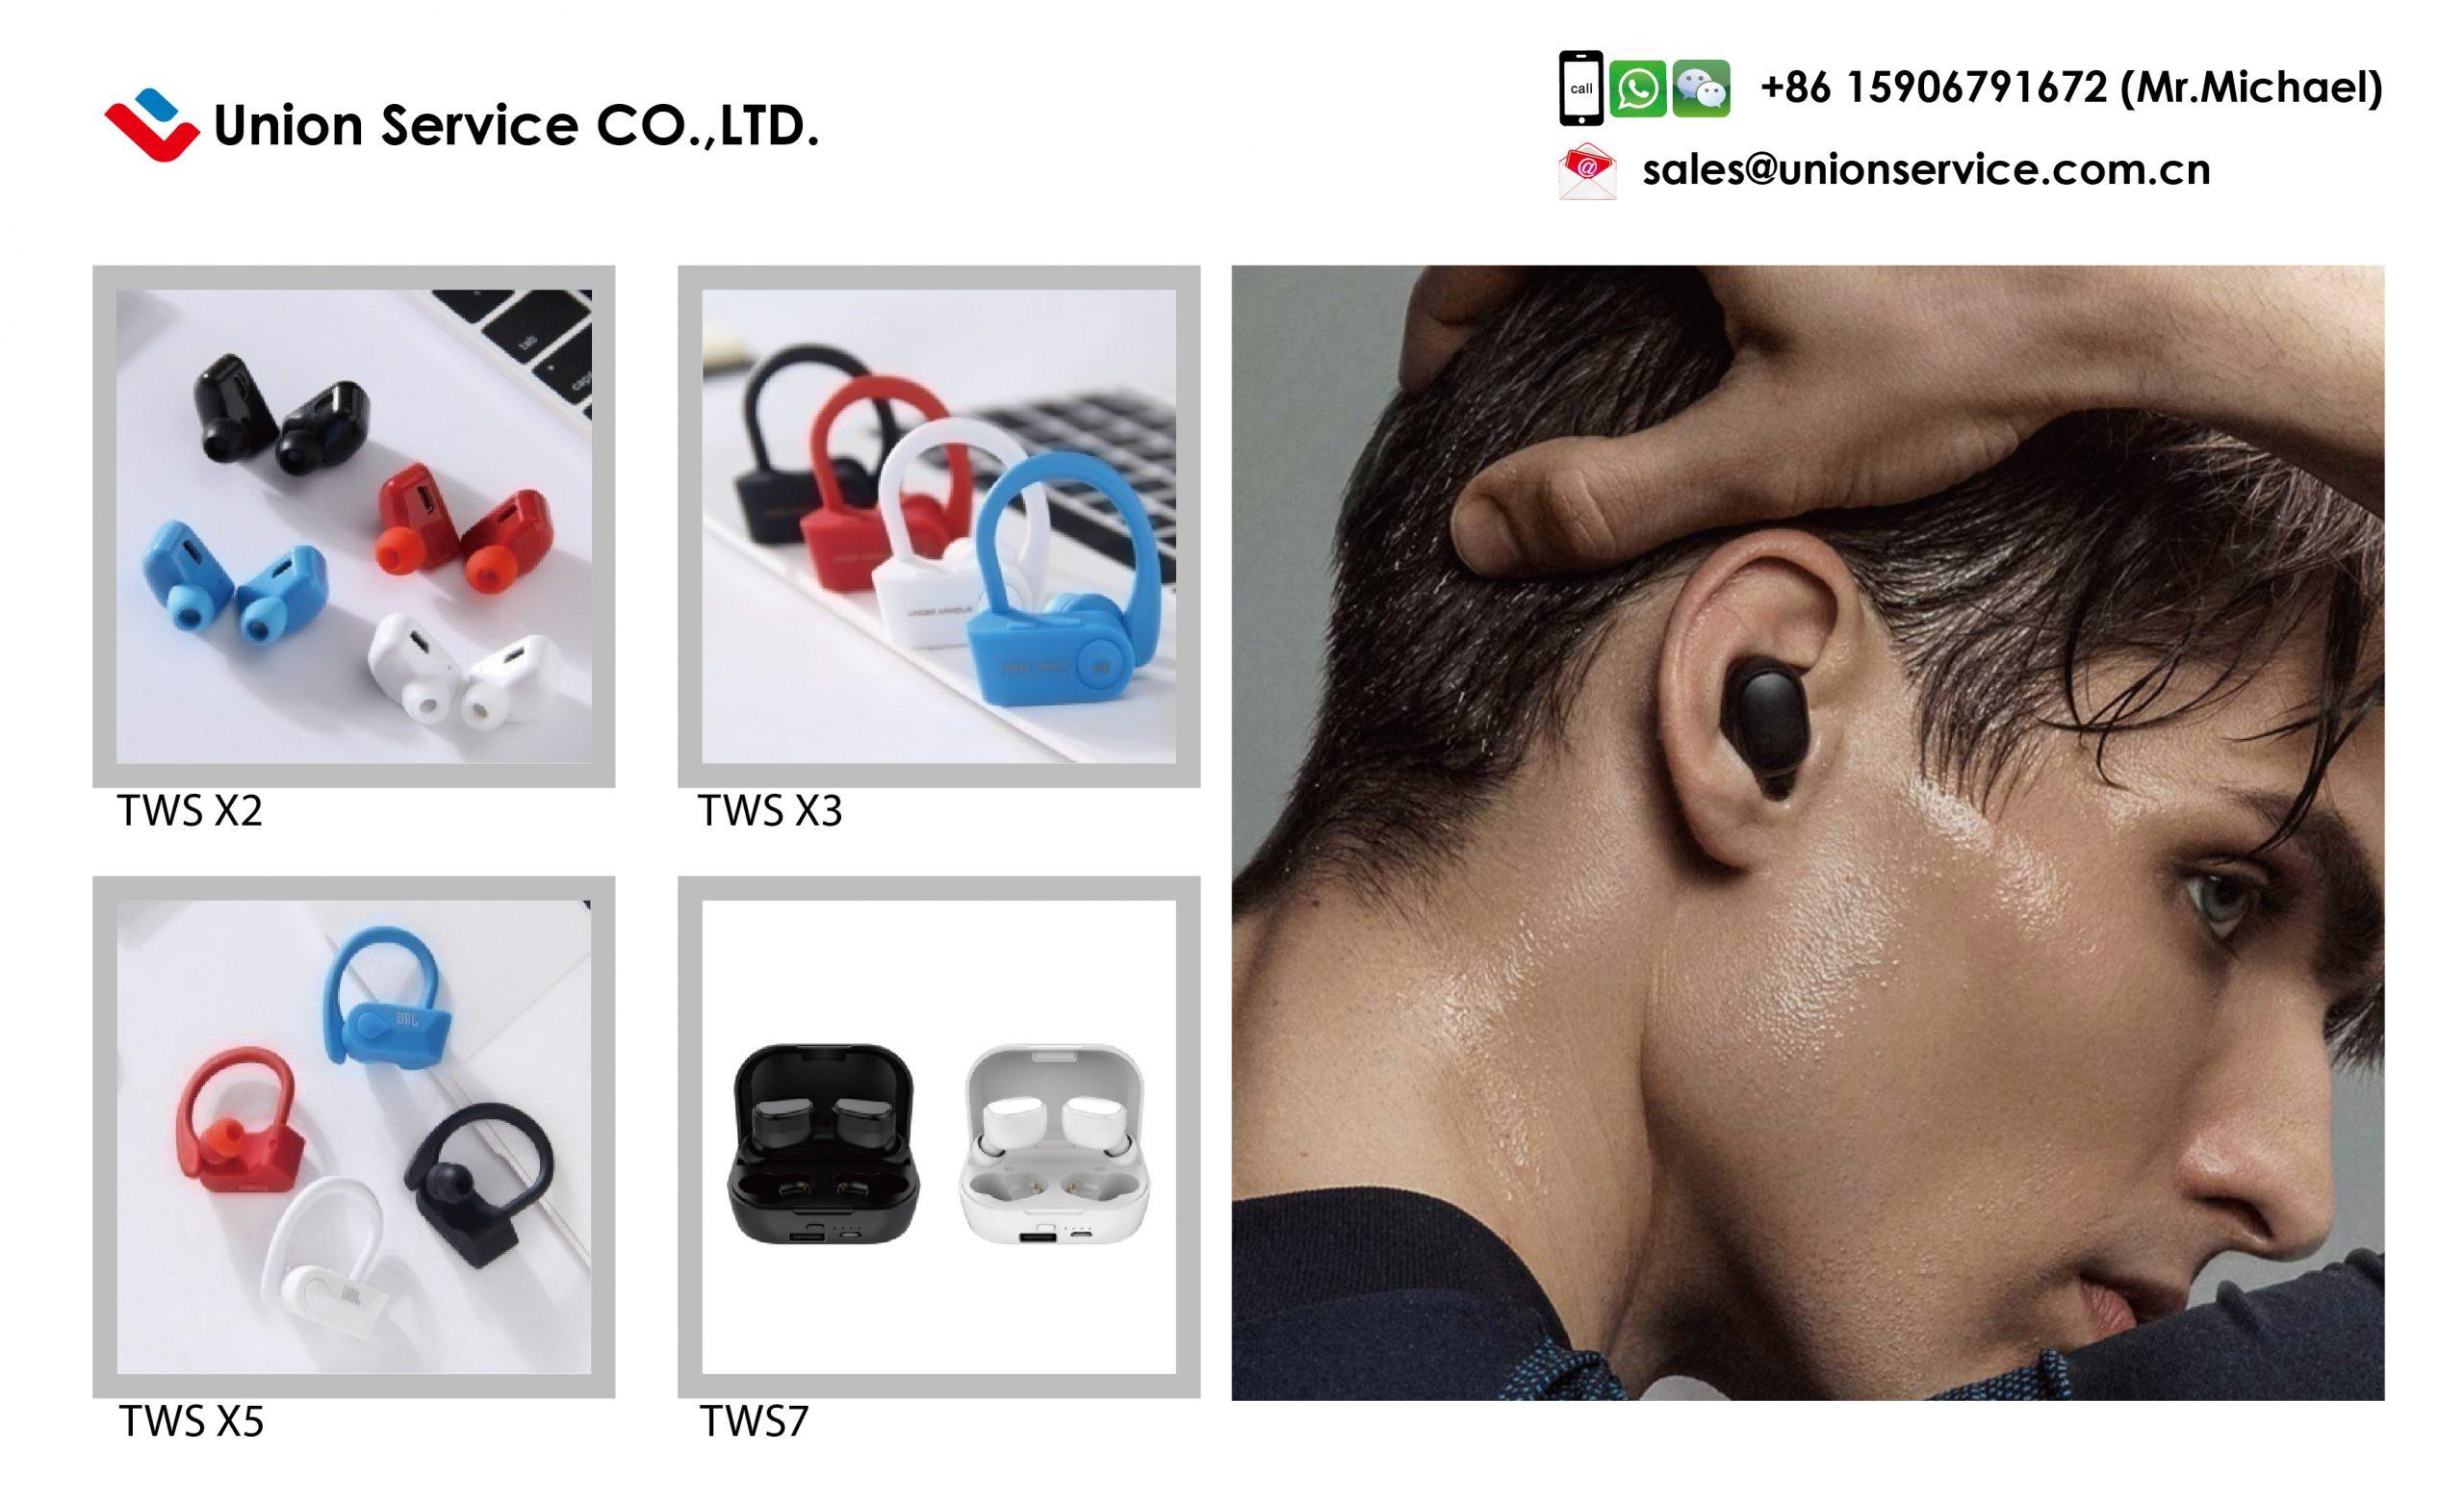 蓝牙耳机-许莎_画板 1 副本 2